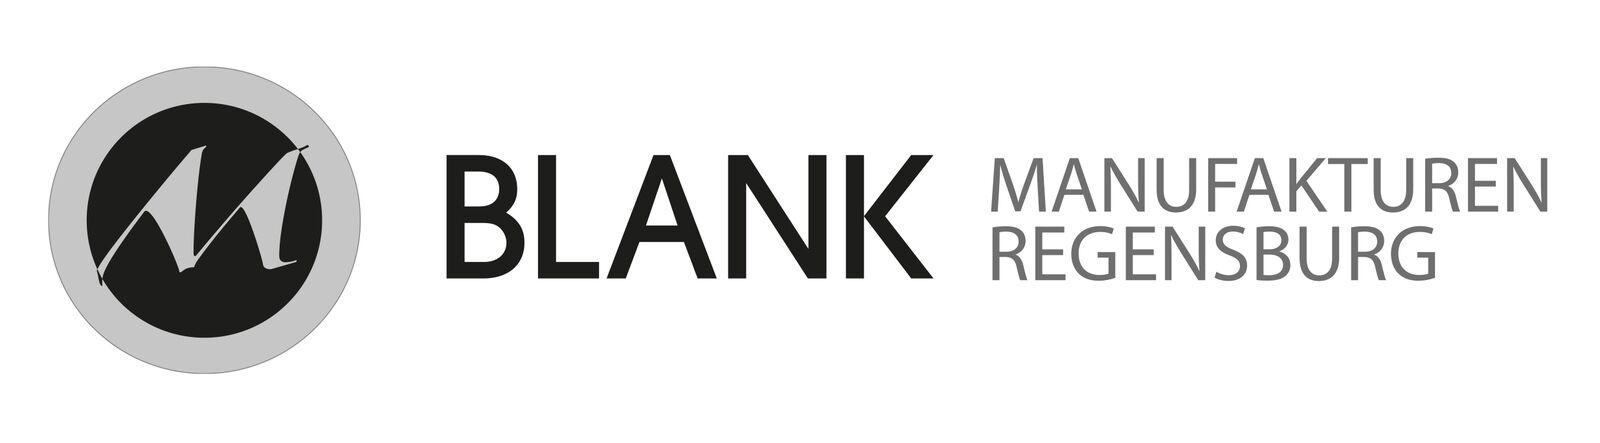 BLANK Manufakturen Regensburg